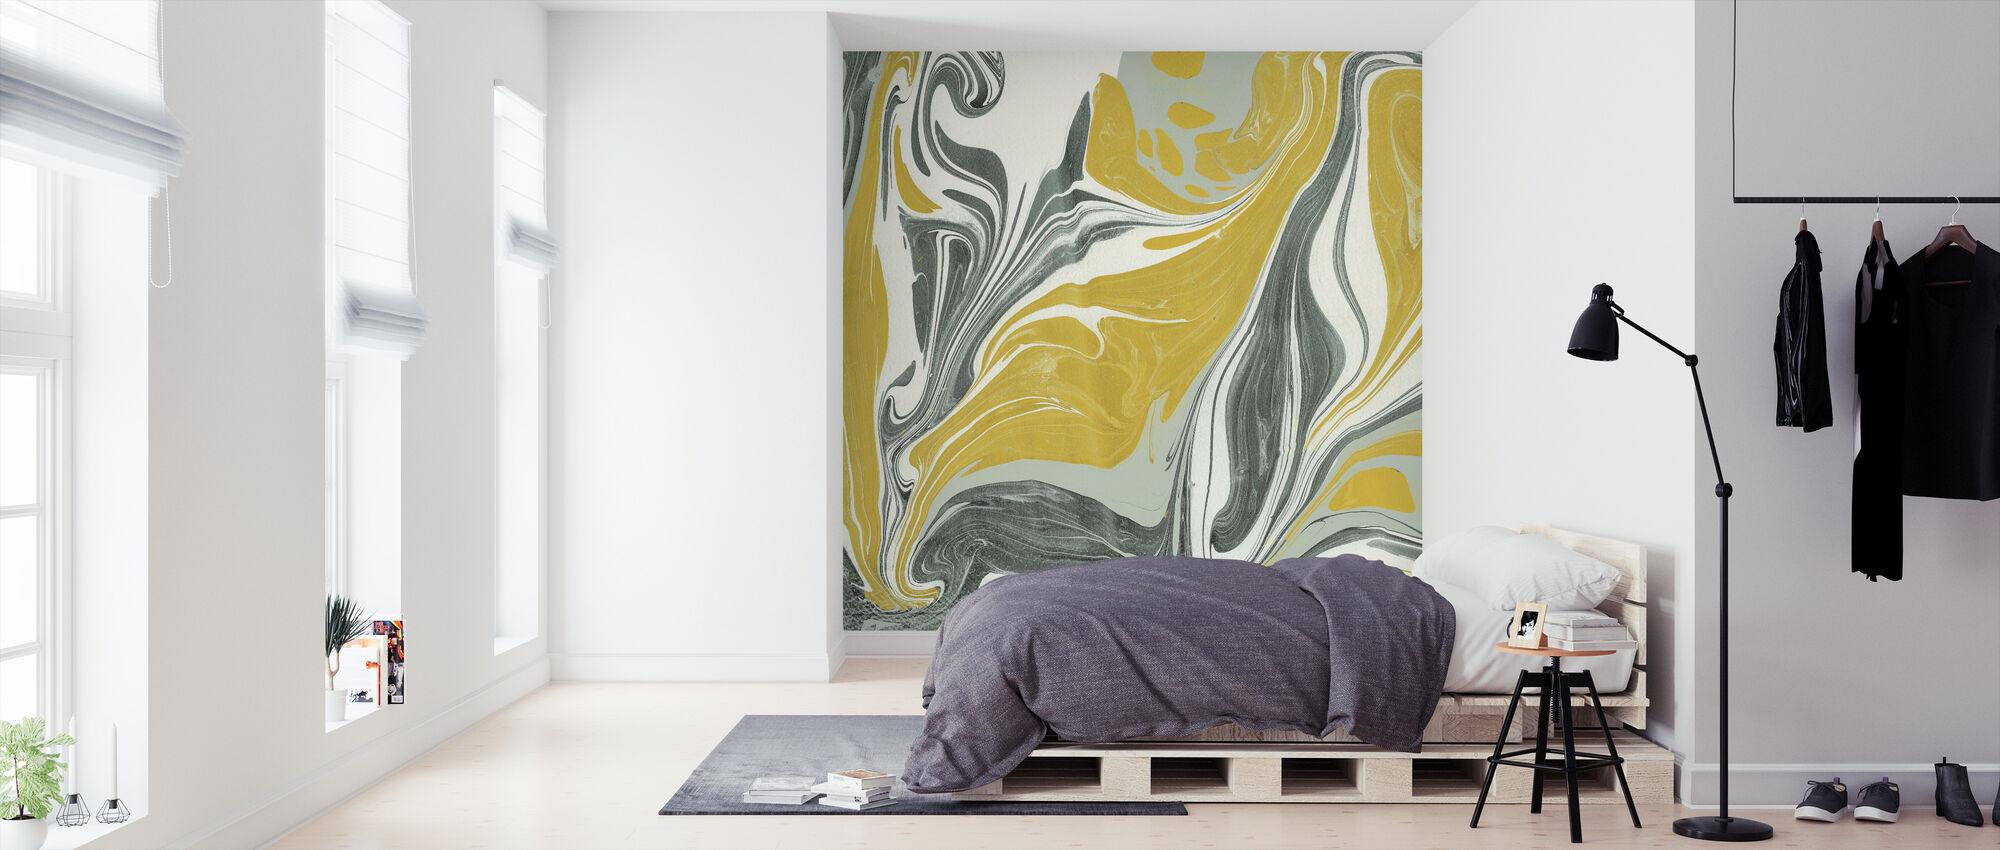 Marmering - Behang - Slaapkamer